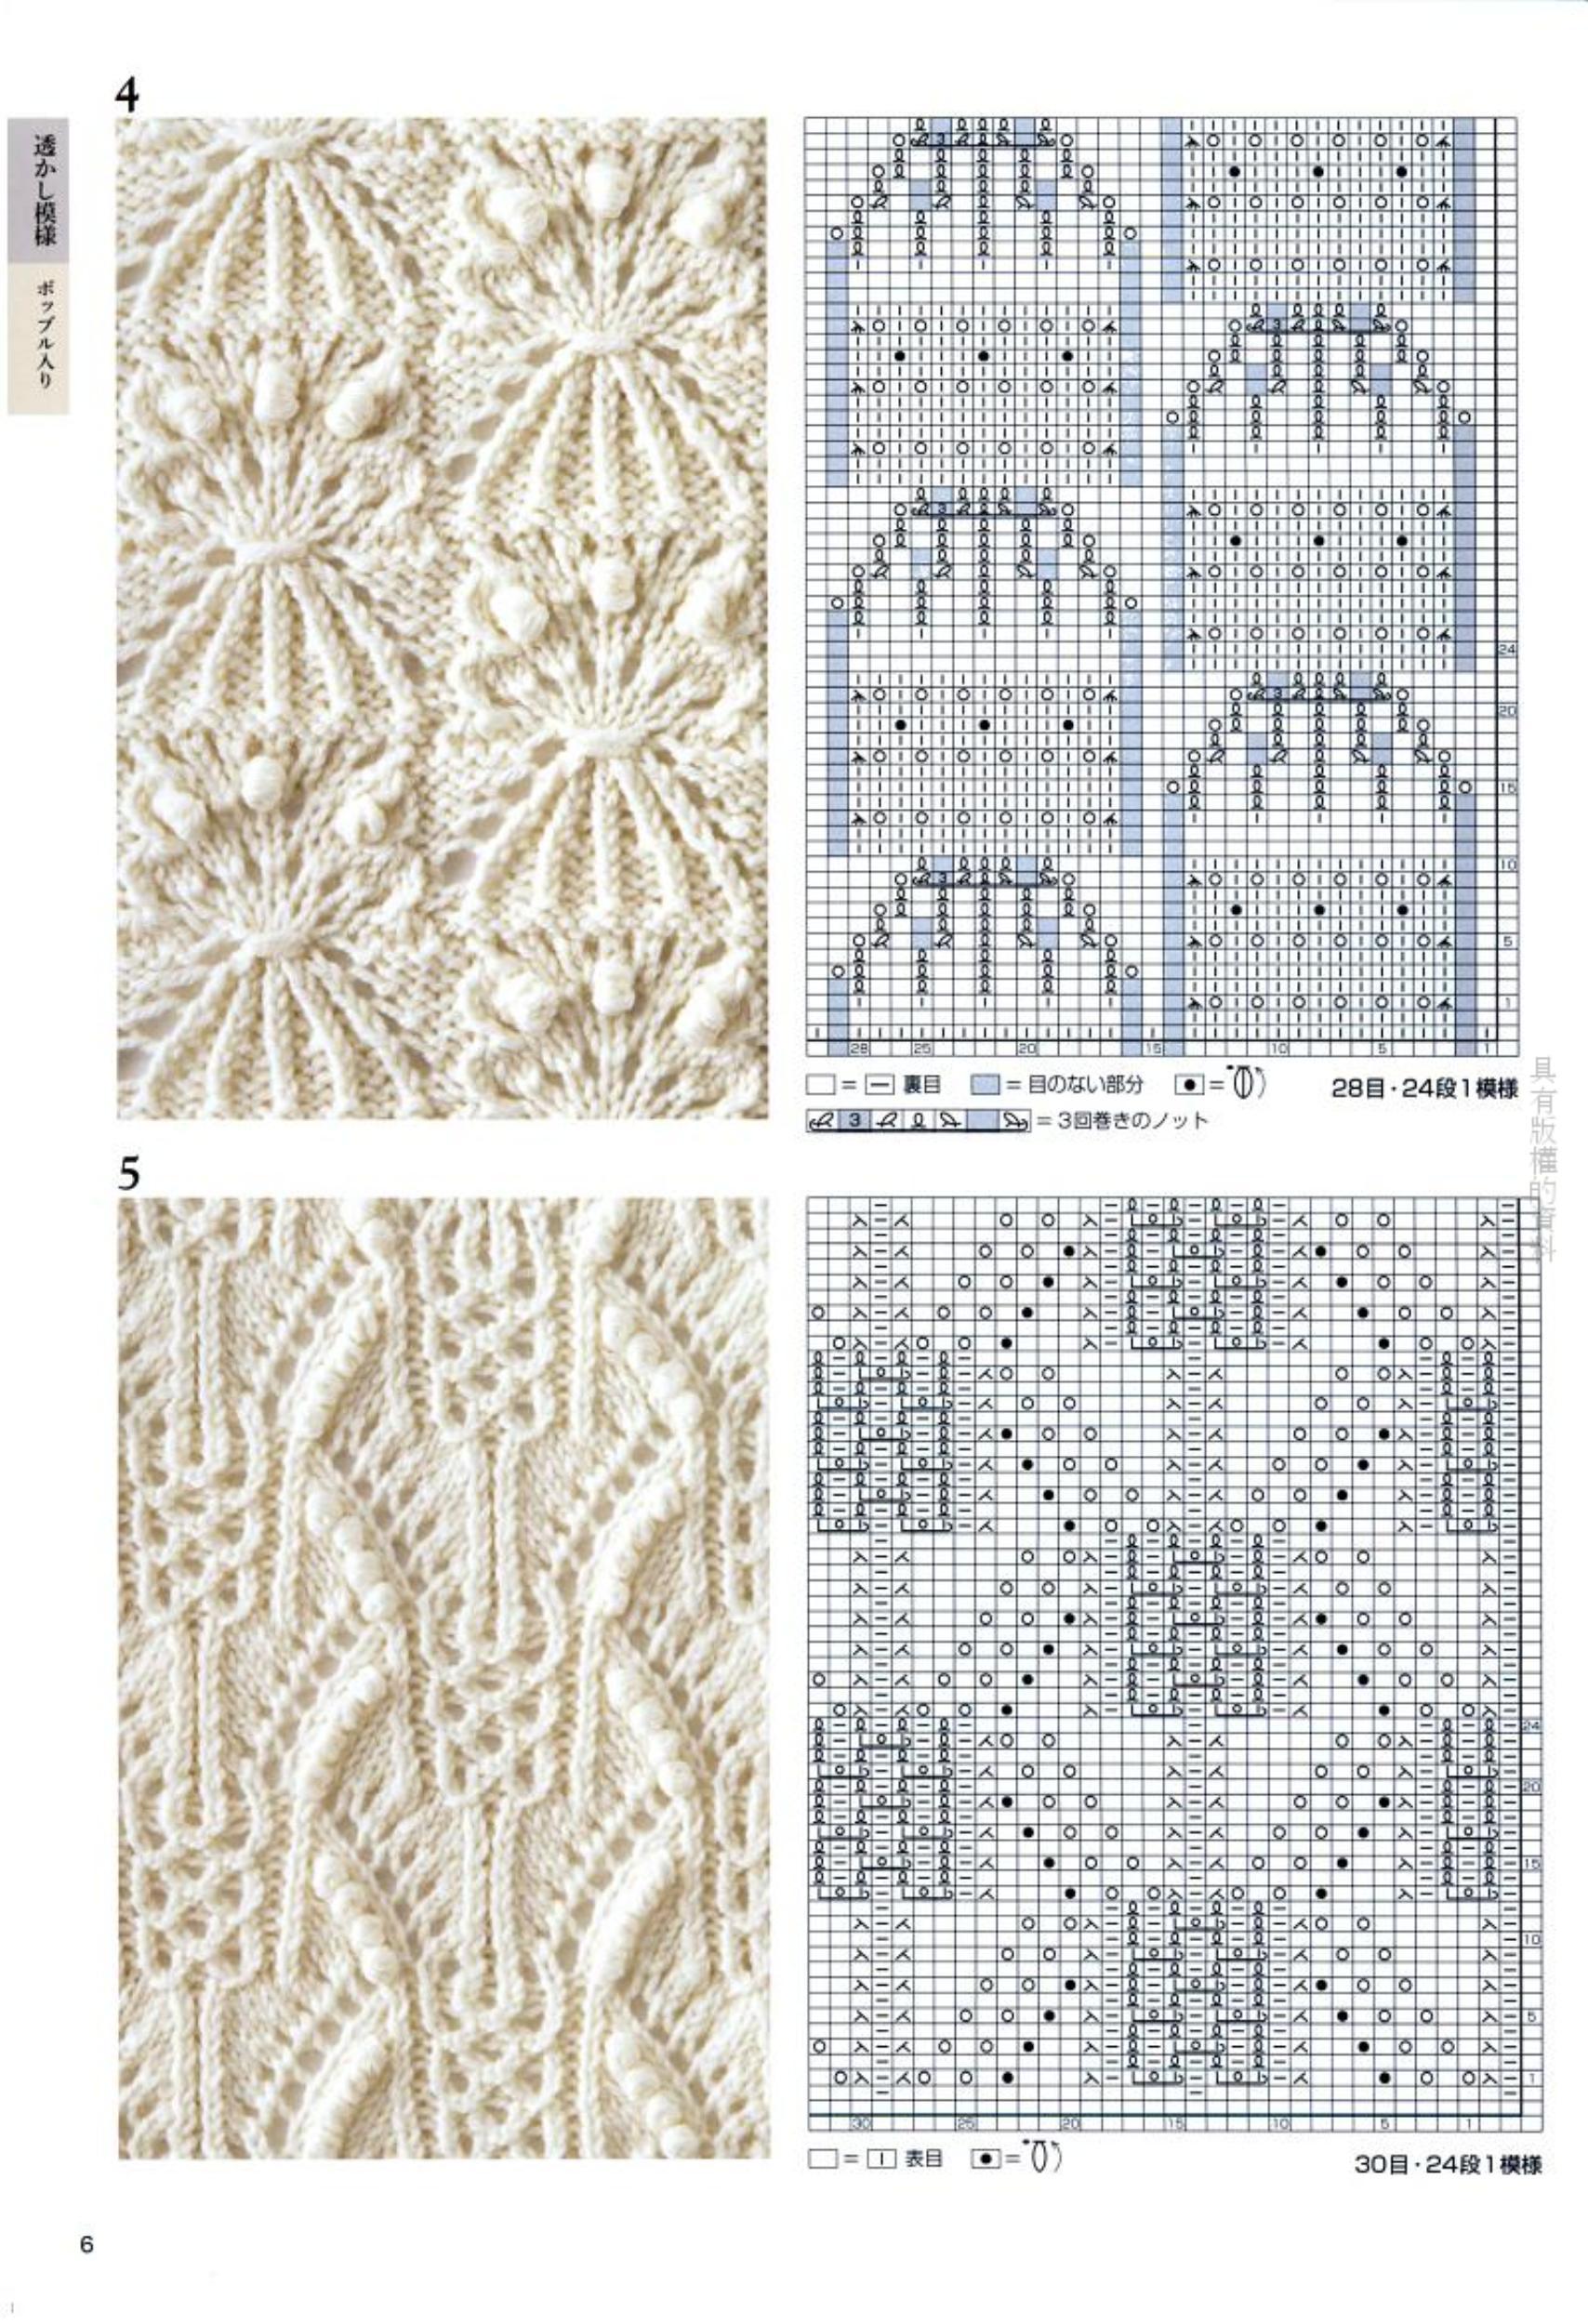 Как читать схемы вязания спицами — простая и понятная шпаргалка для начинающих рукодельниц